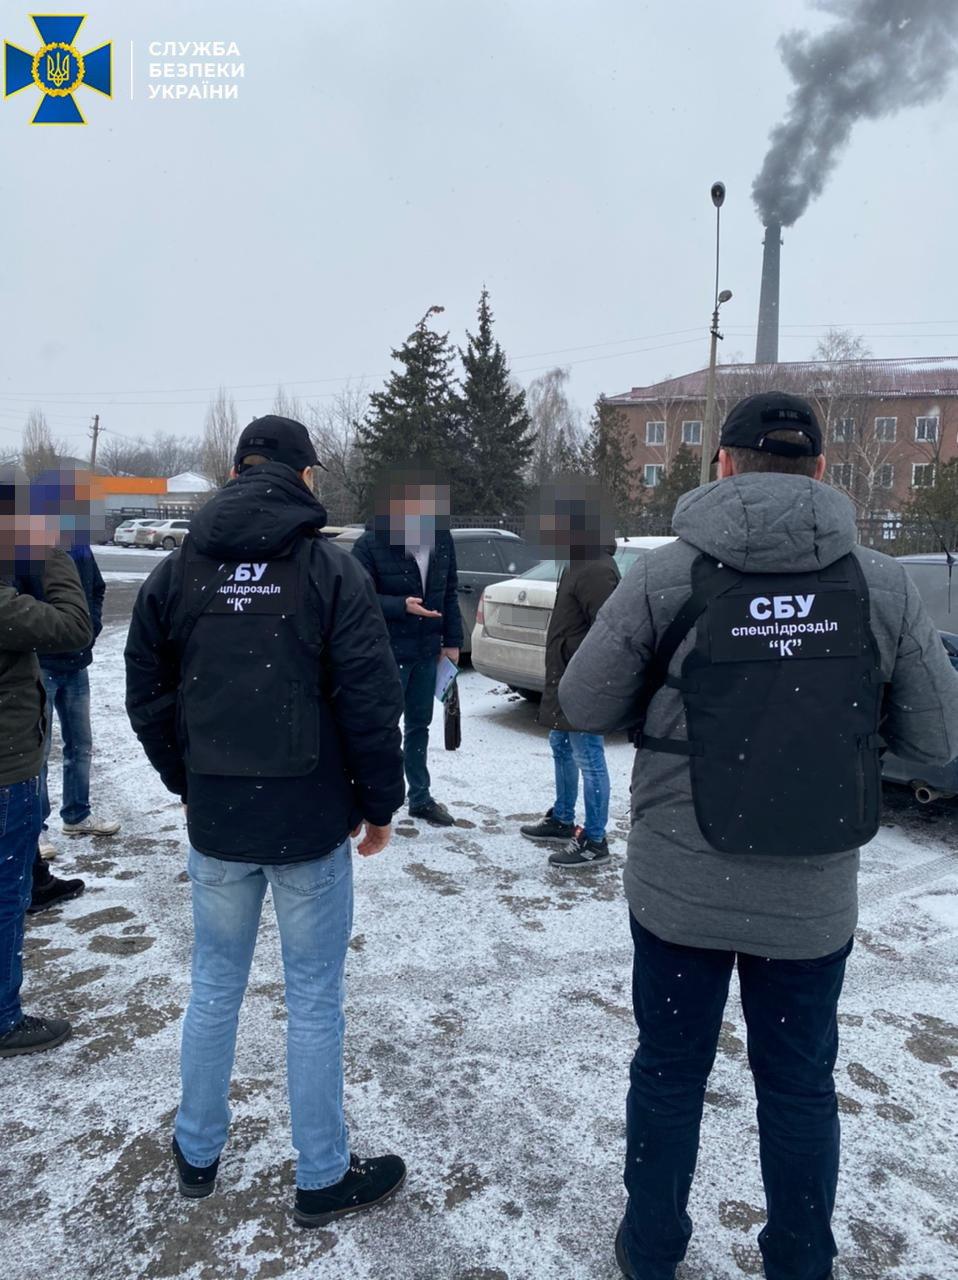 В Днепропетровской области СБУ разоблачила коррупционную схему чиновницы городского суда, фото-3